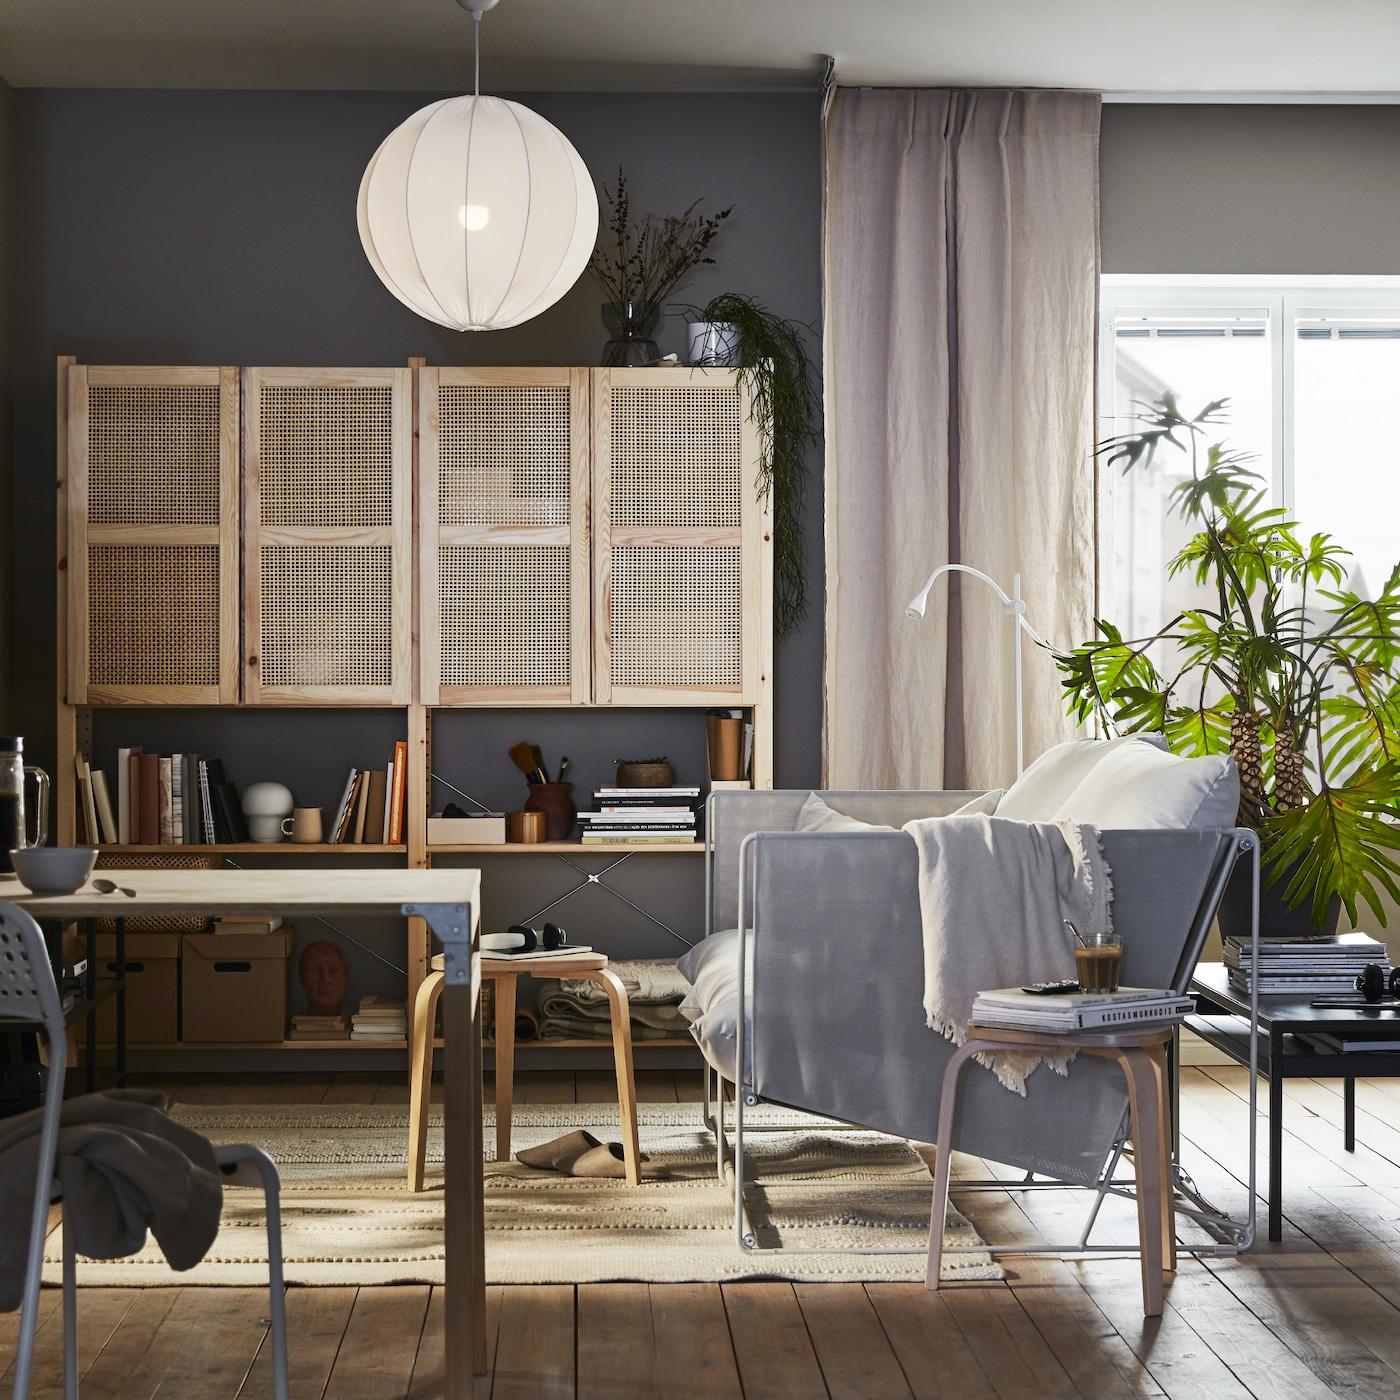 Sanft erleuchtetes Wohnzimmer, das für verschiedene Aktivitäten ausgelegt ist: Entspannung, Arbeit, Zimmerpflanzen und Aufbewahrungen sind zu sehen.